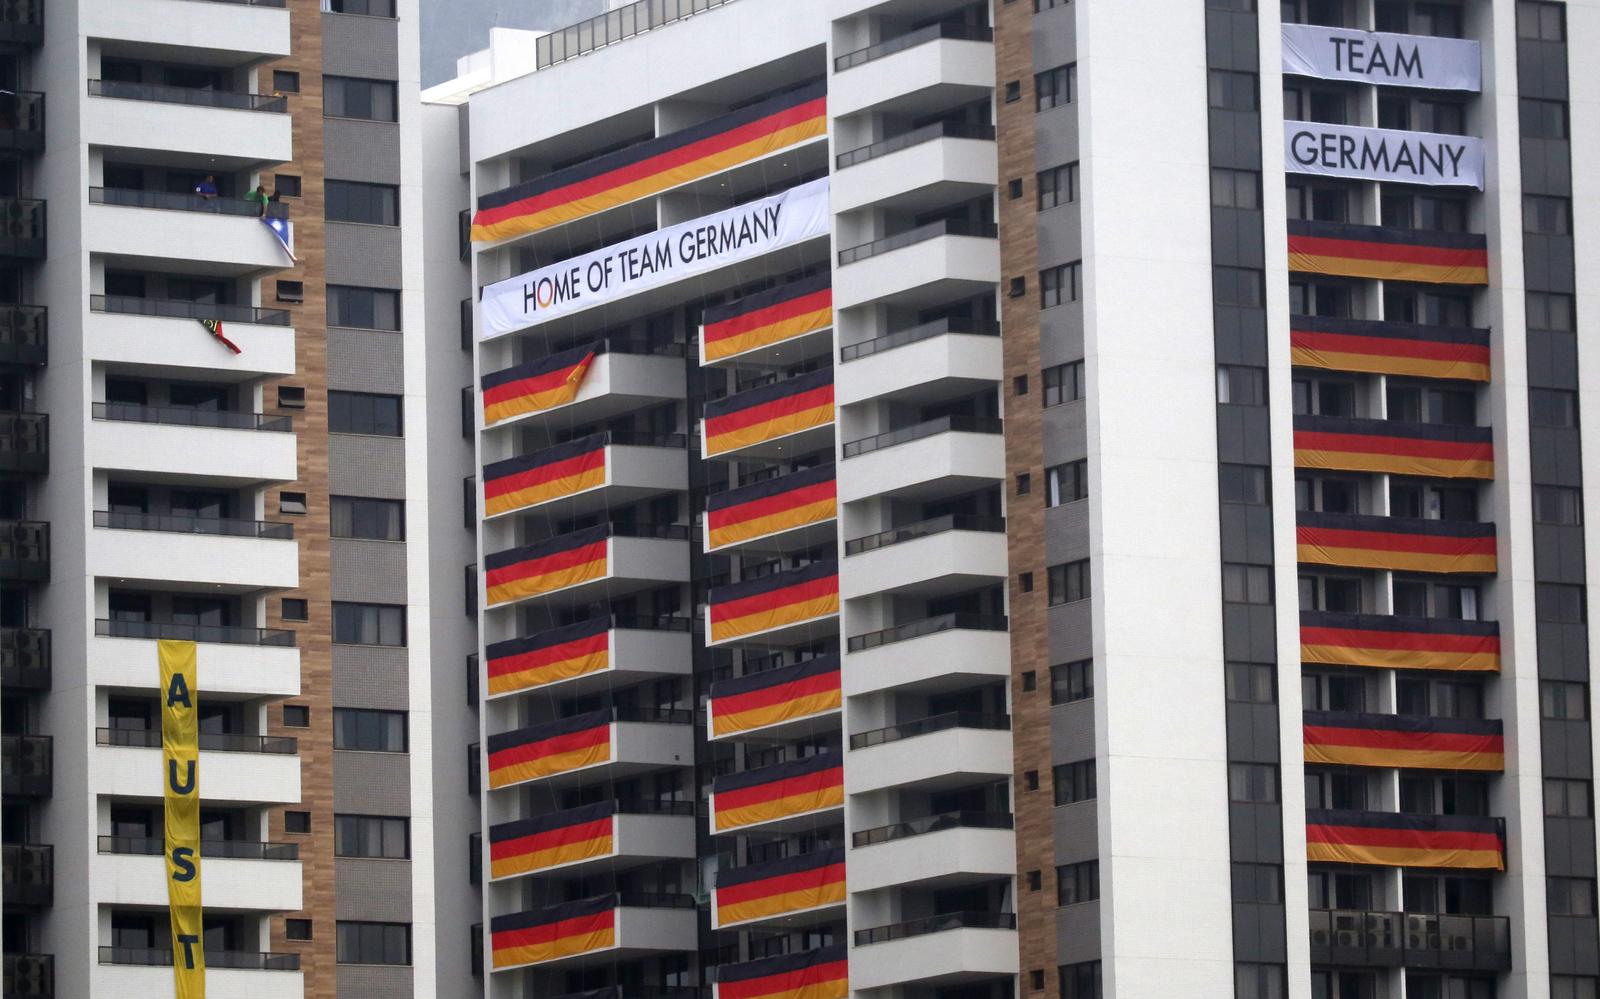 Немецкие спортсмены уже украсили свои балконы в олимпийской дервне национальными флагами